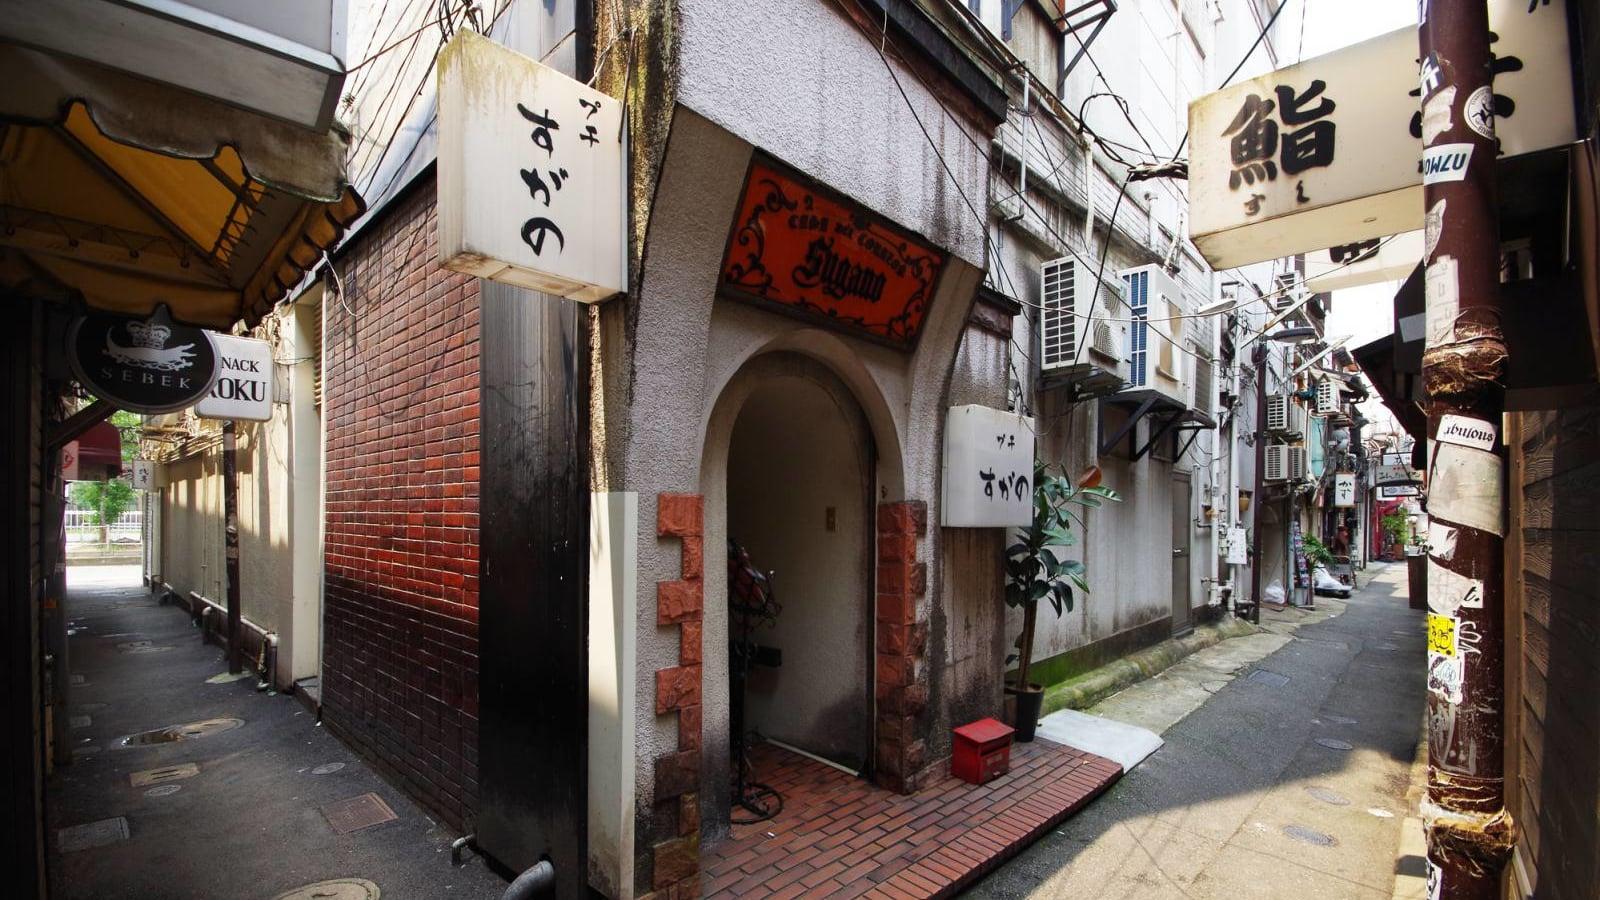 福岡市・中洲のホテルに宿泊|屋台横丁で思う存分楽しみたい人におすすめ